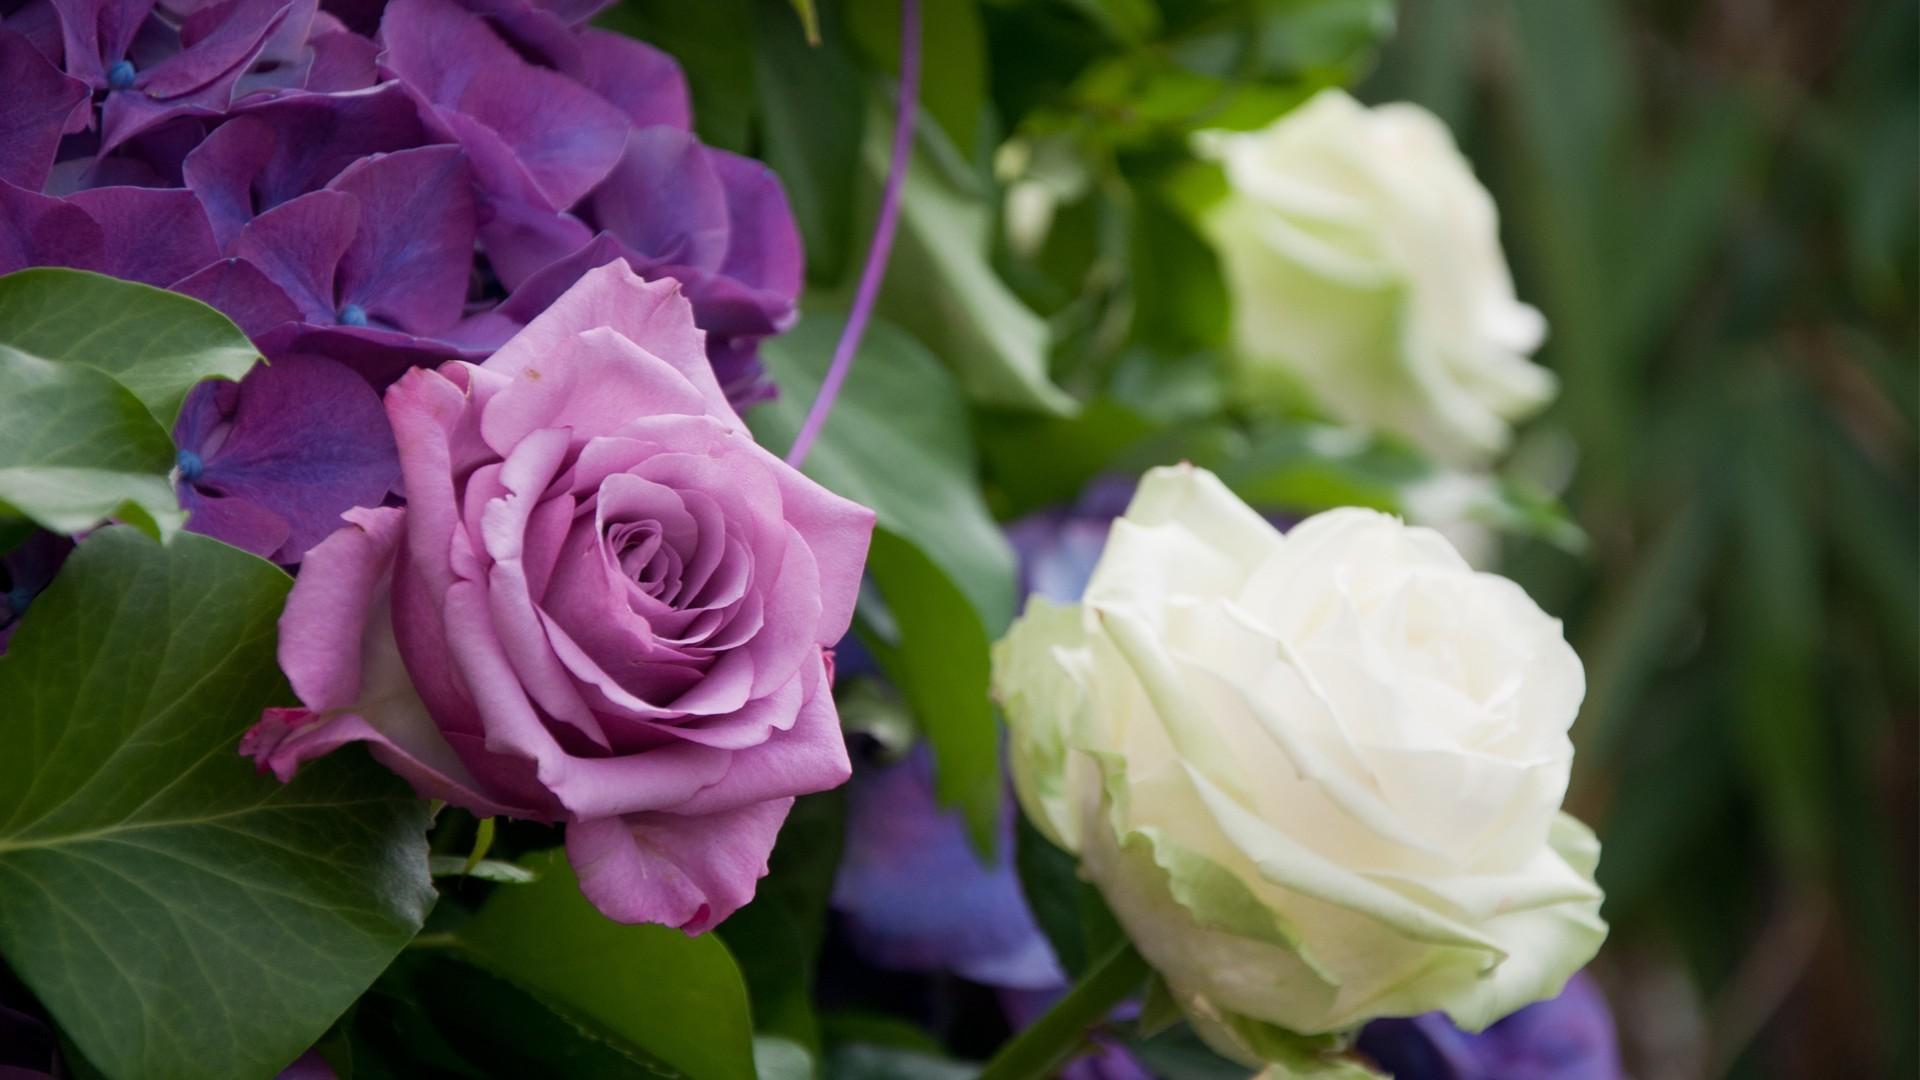 16388 скачать обои Растения, Цветы, Розы - заставки и картинки бесплатно